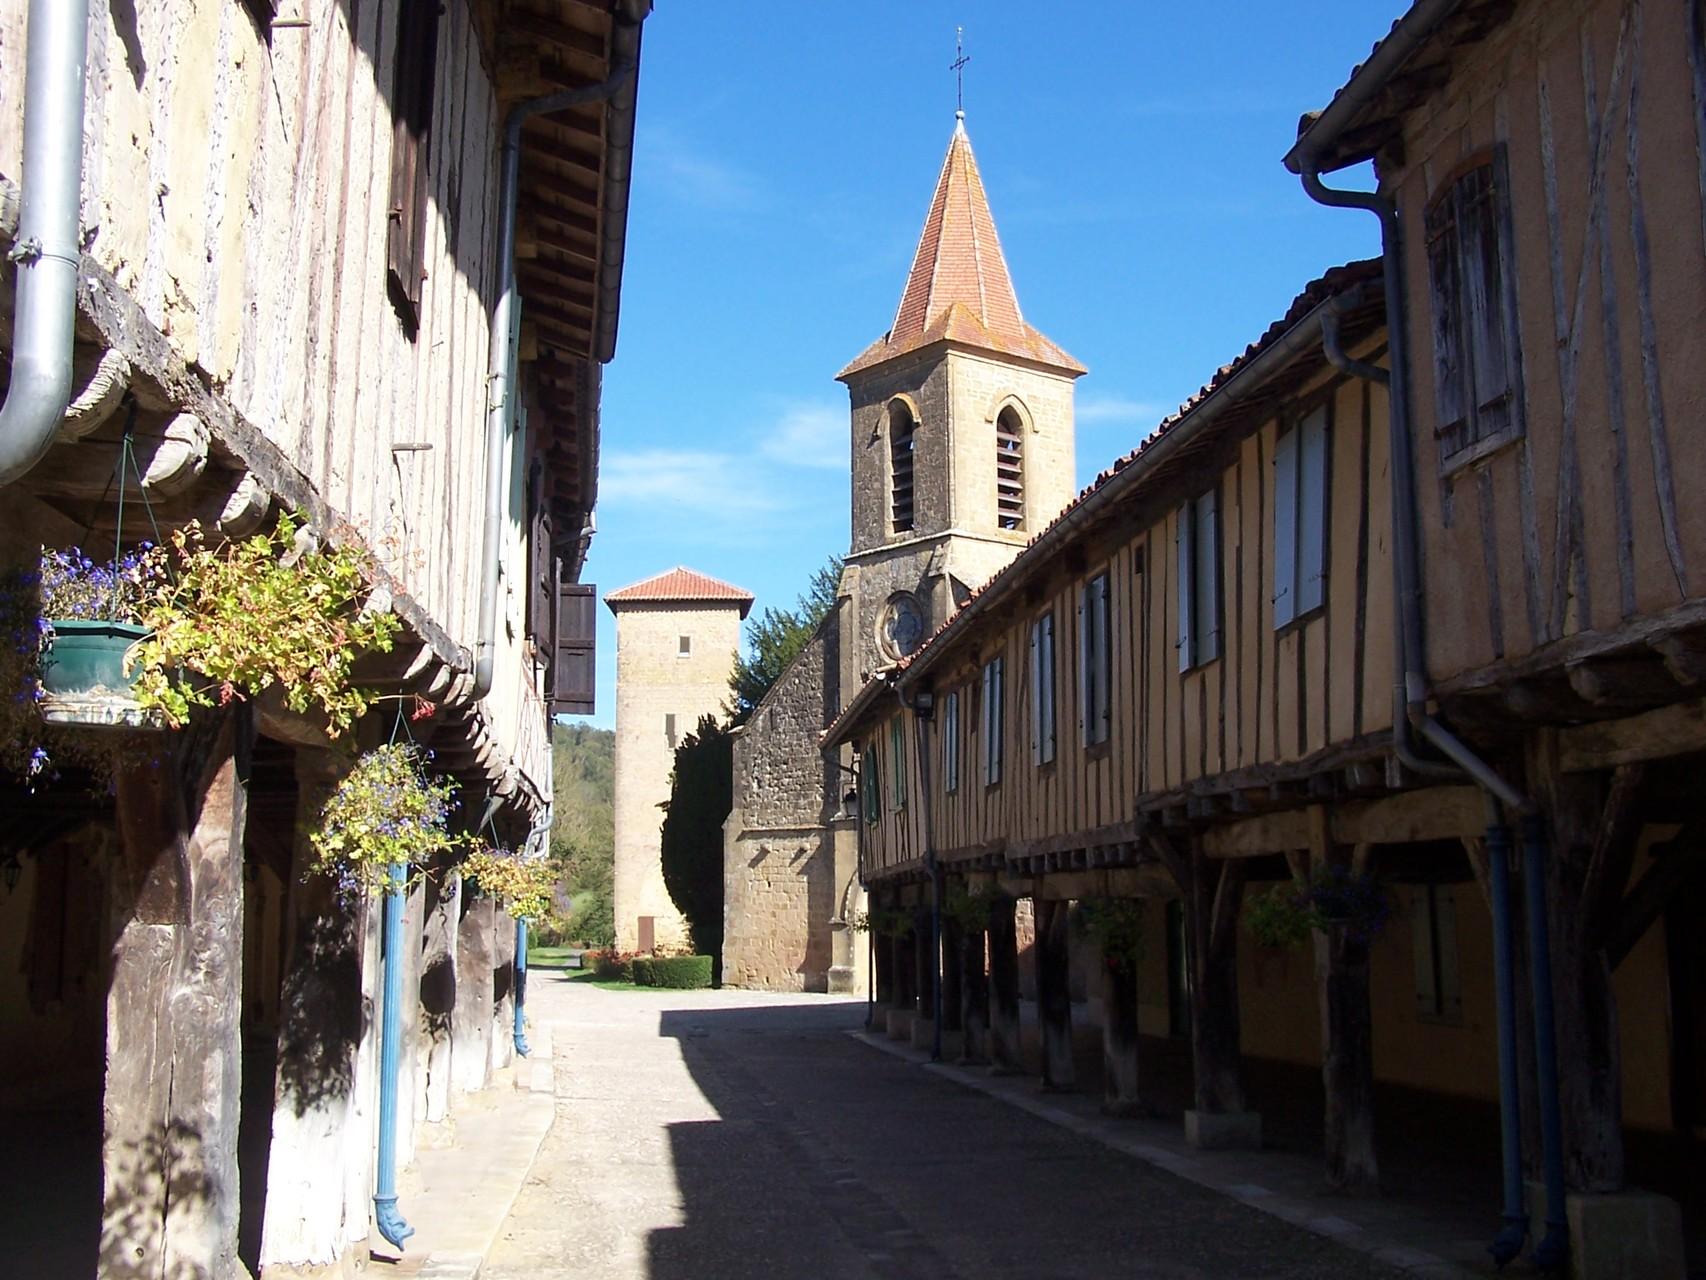 La rue principale et au fond la tour de Mirande